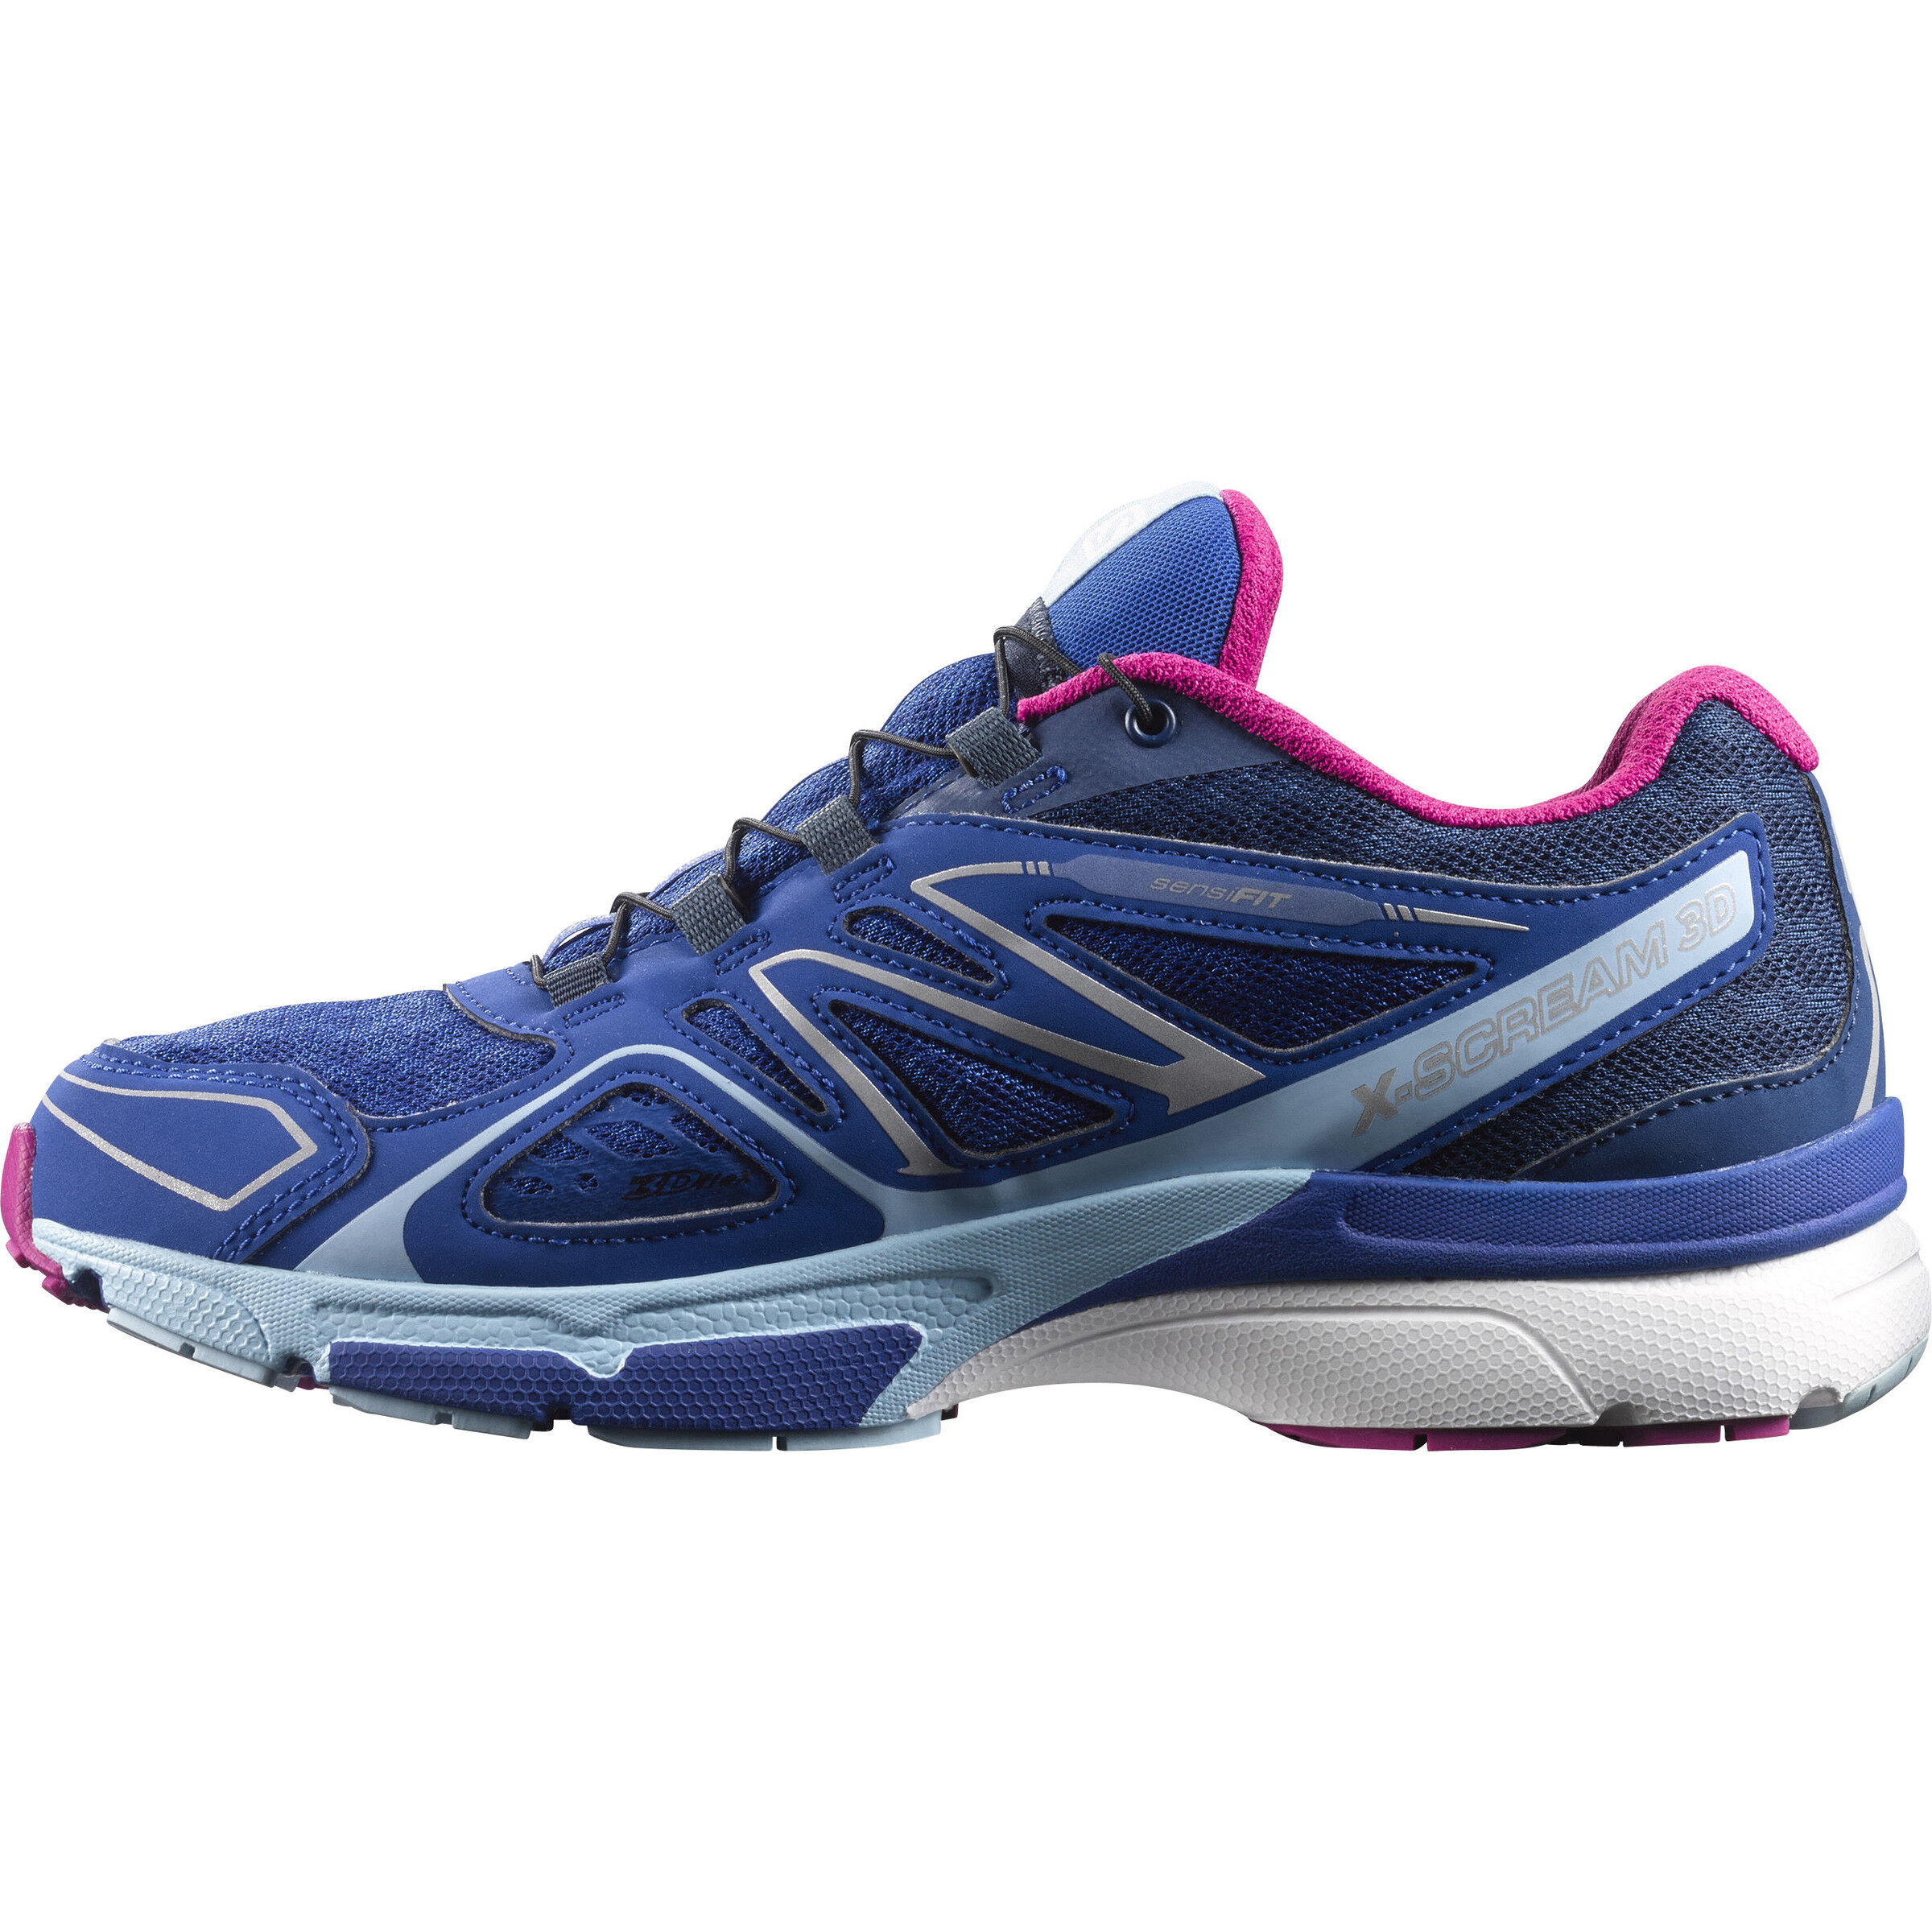 Salomon X Scream GTX   Laufschuhe, Laufbekleidung und Schuhe